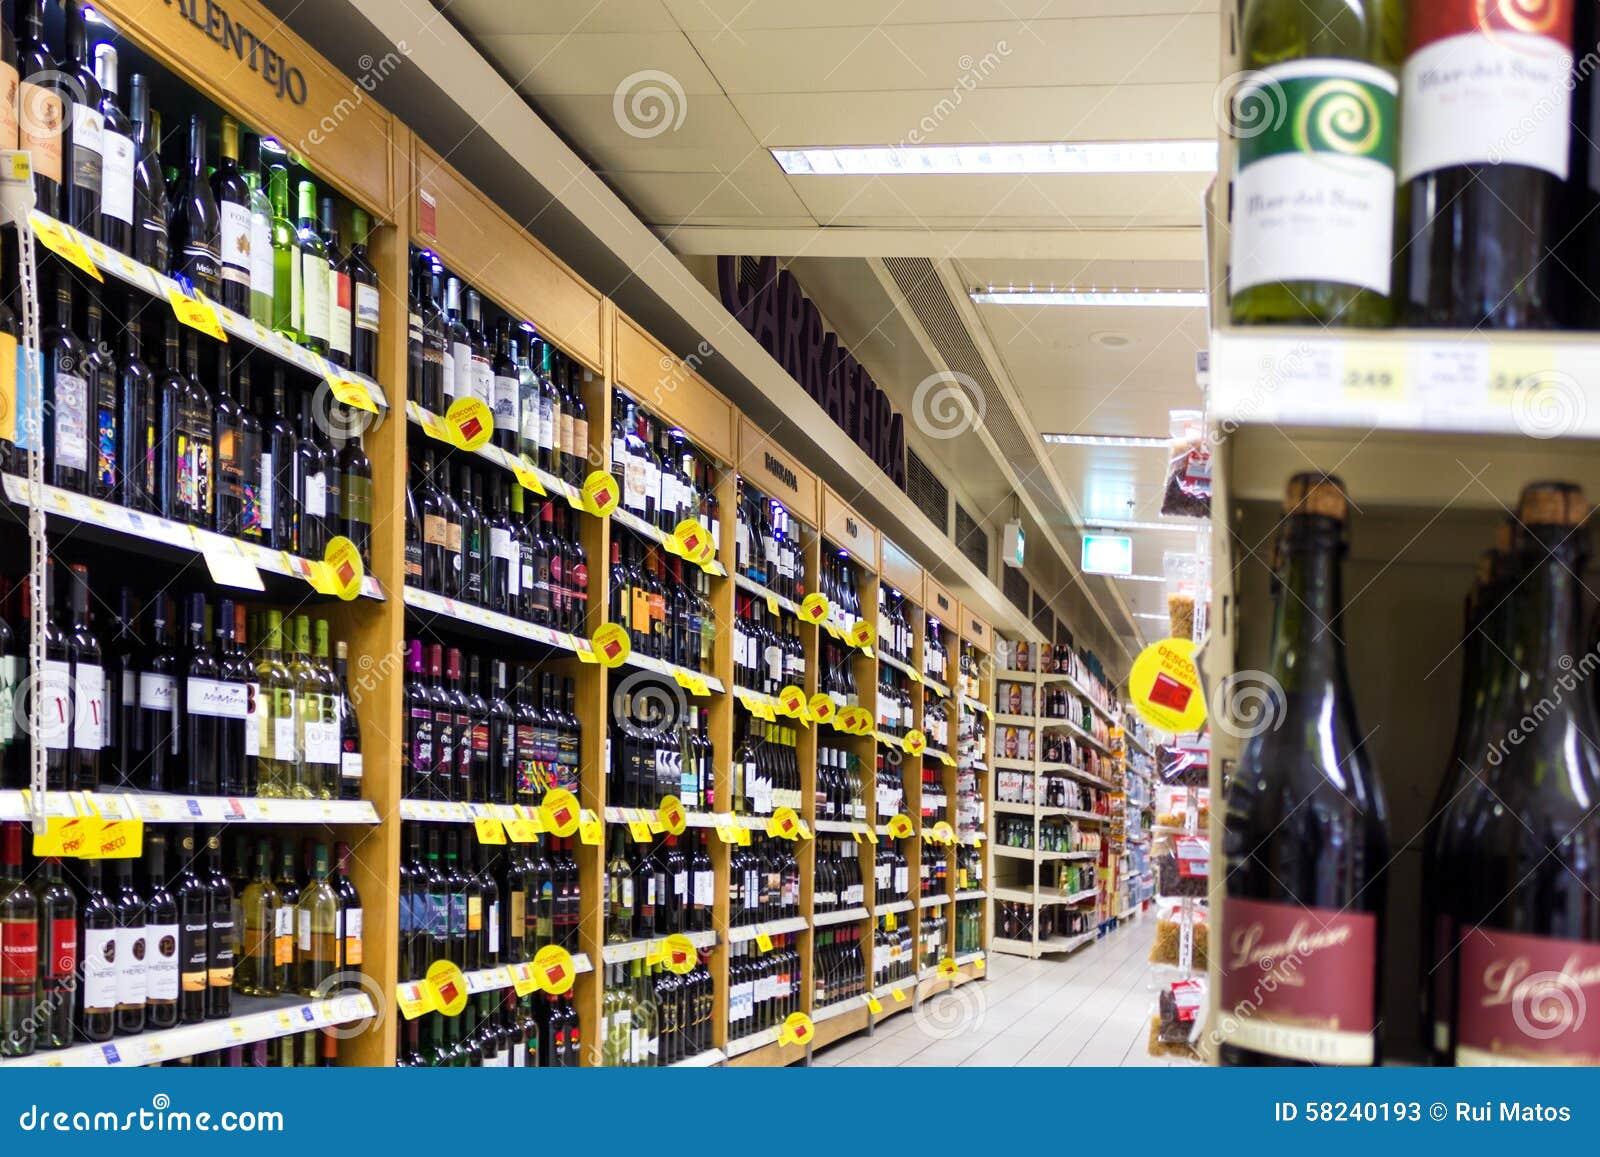 Vinhos no supermercado